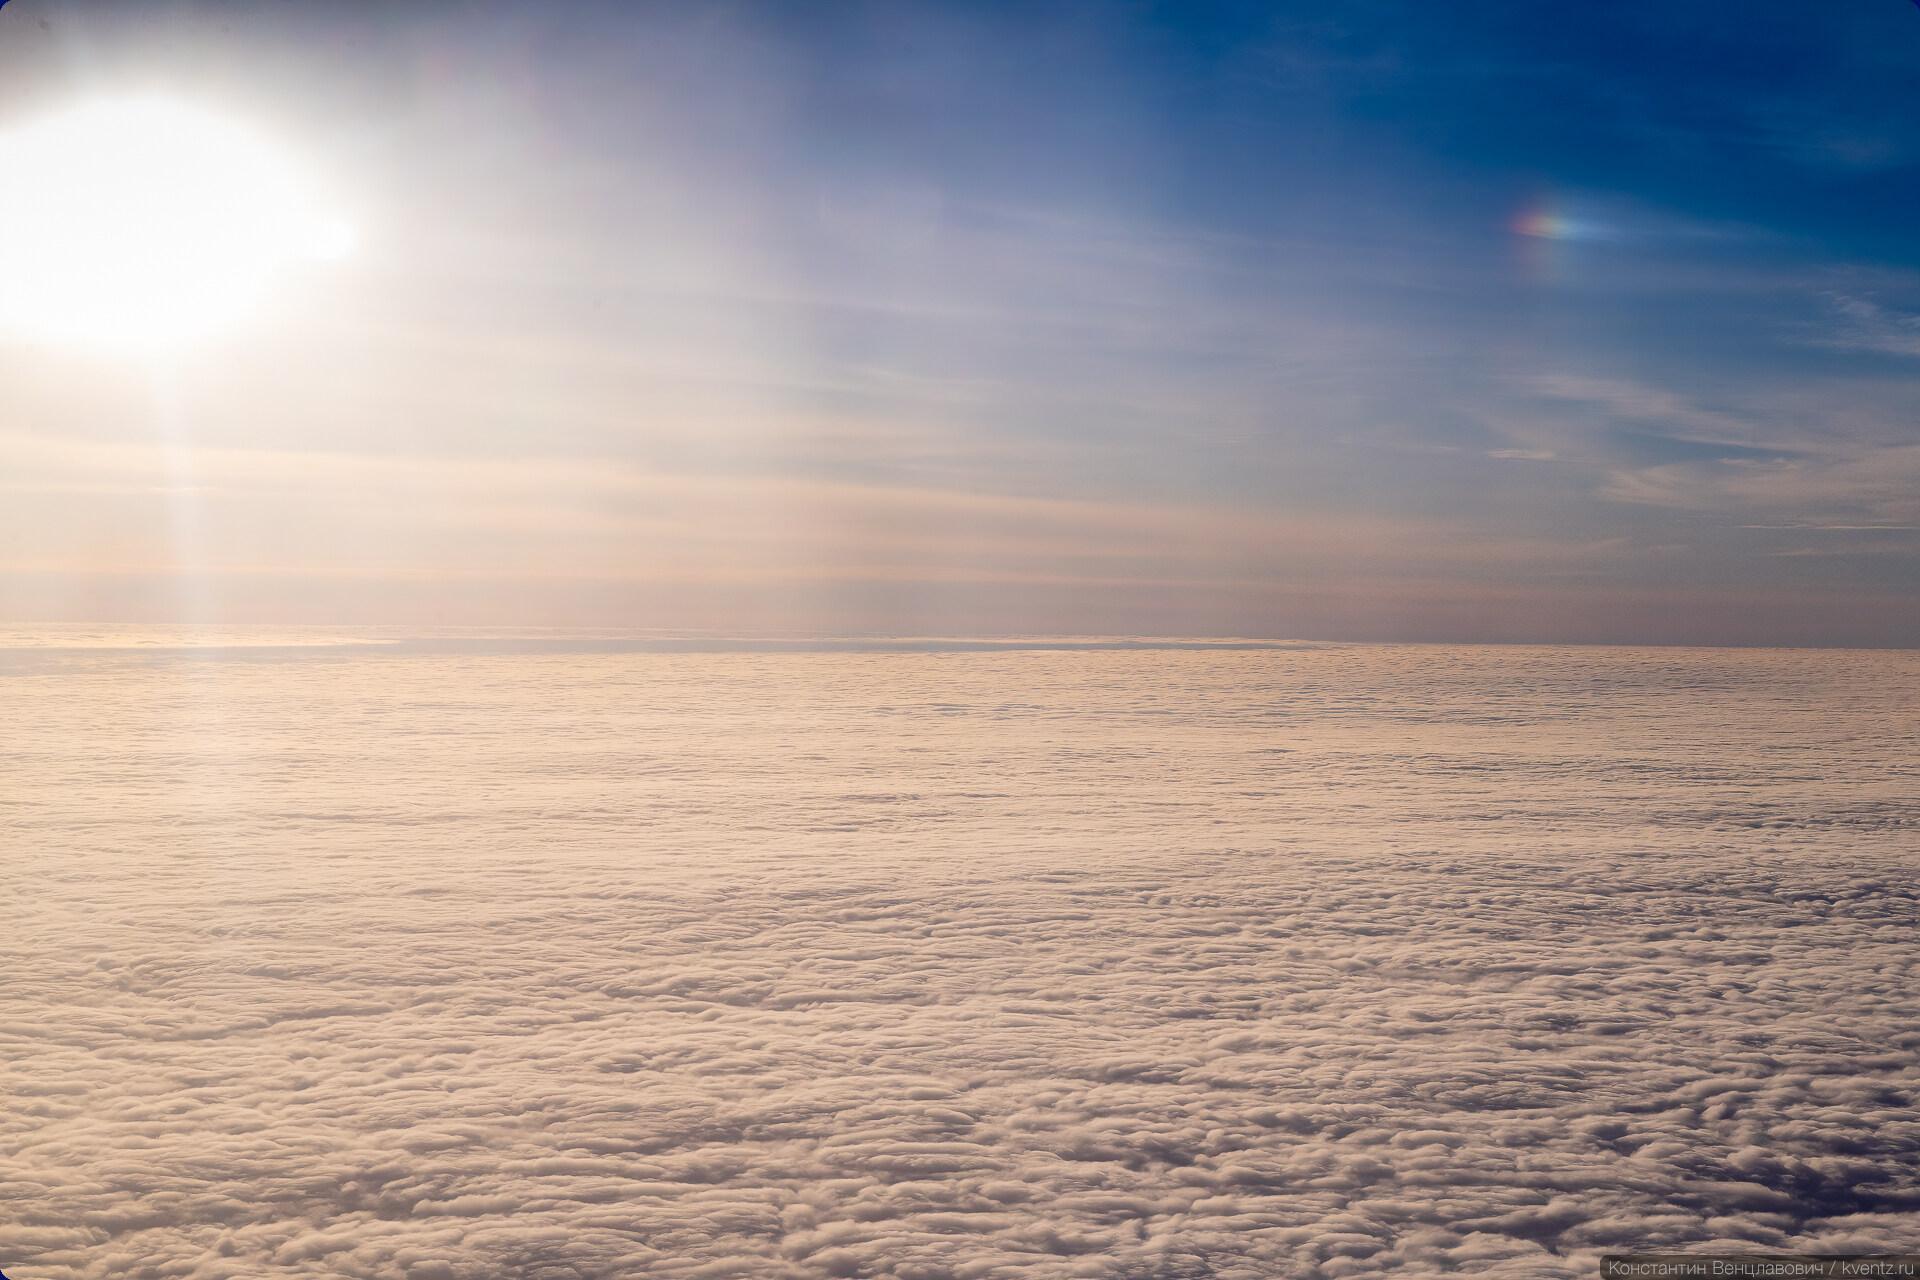 06. В иллюминаторах в тот день показывали гало и бескрайнее море облаков.